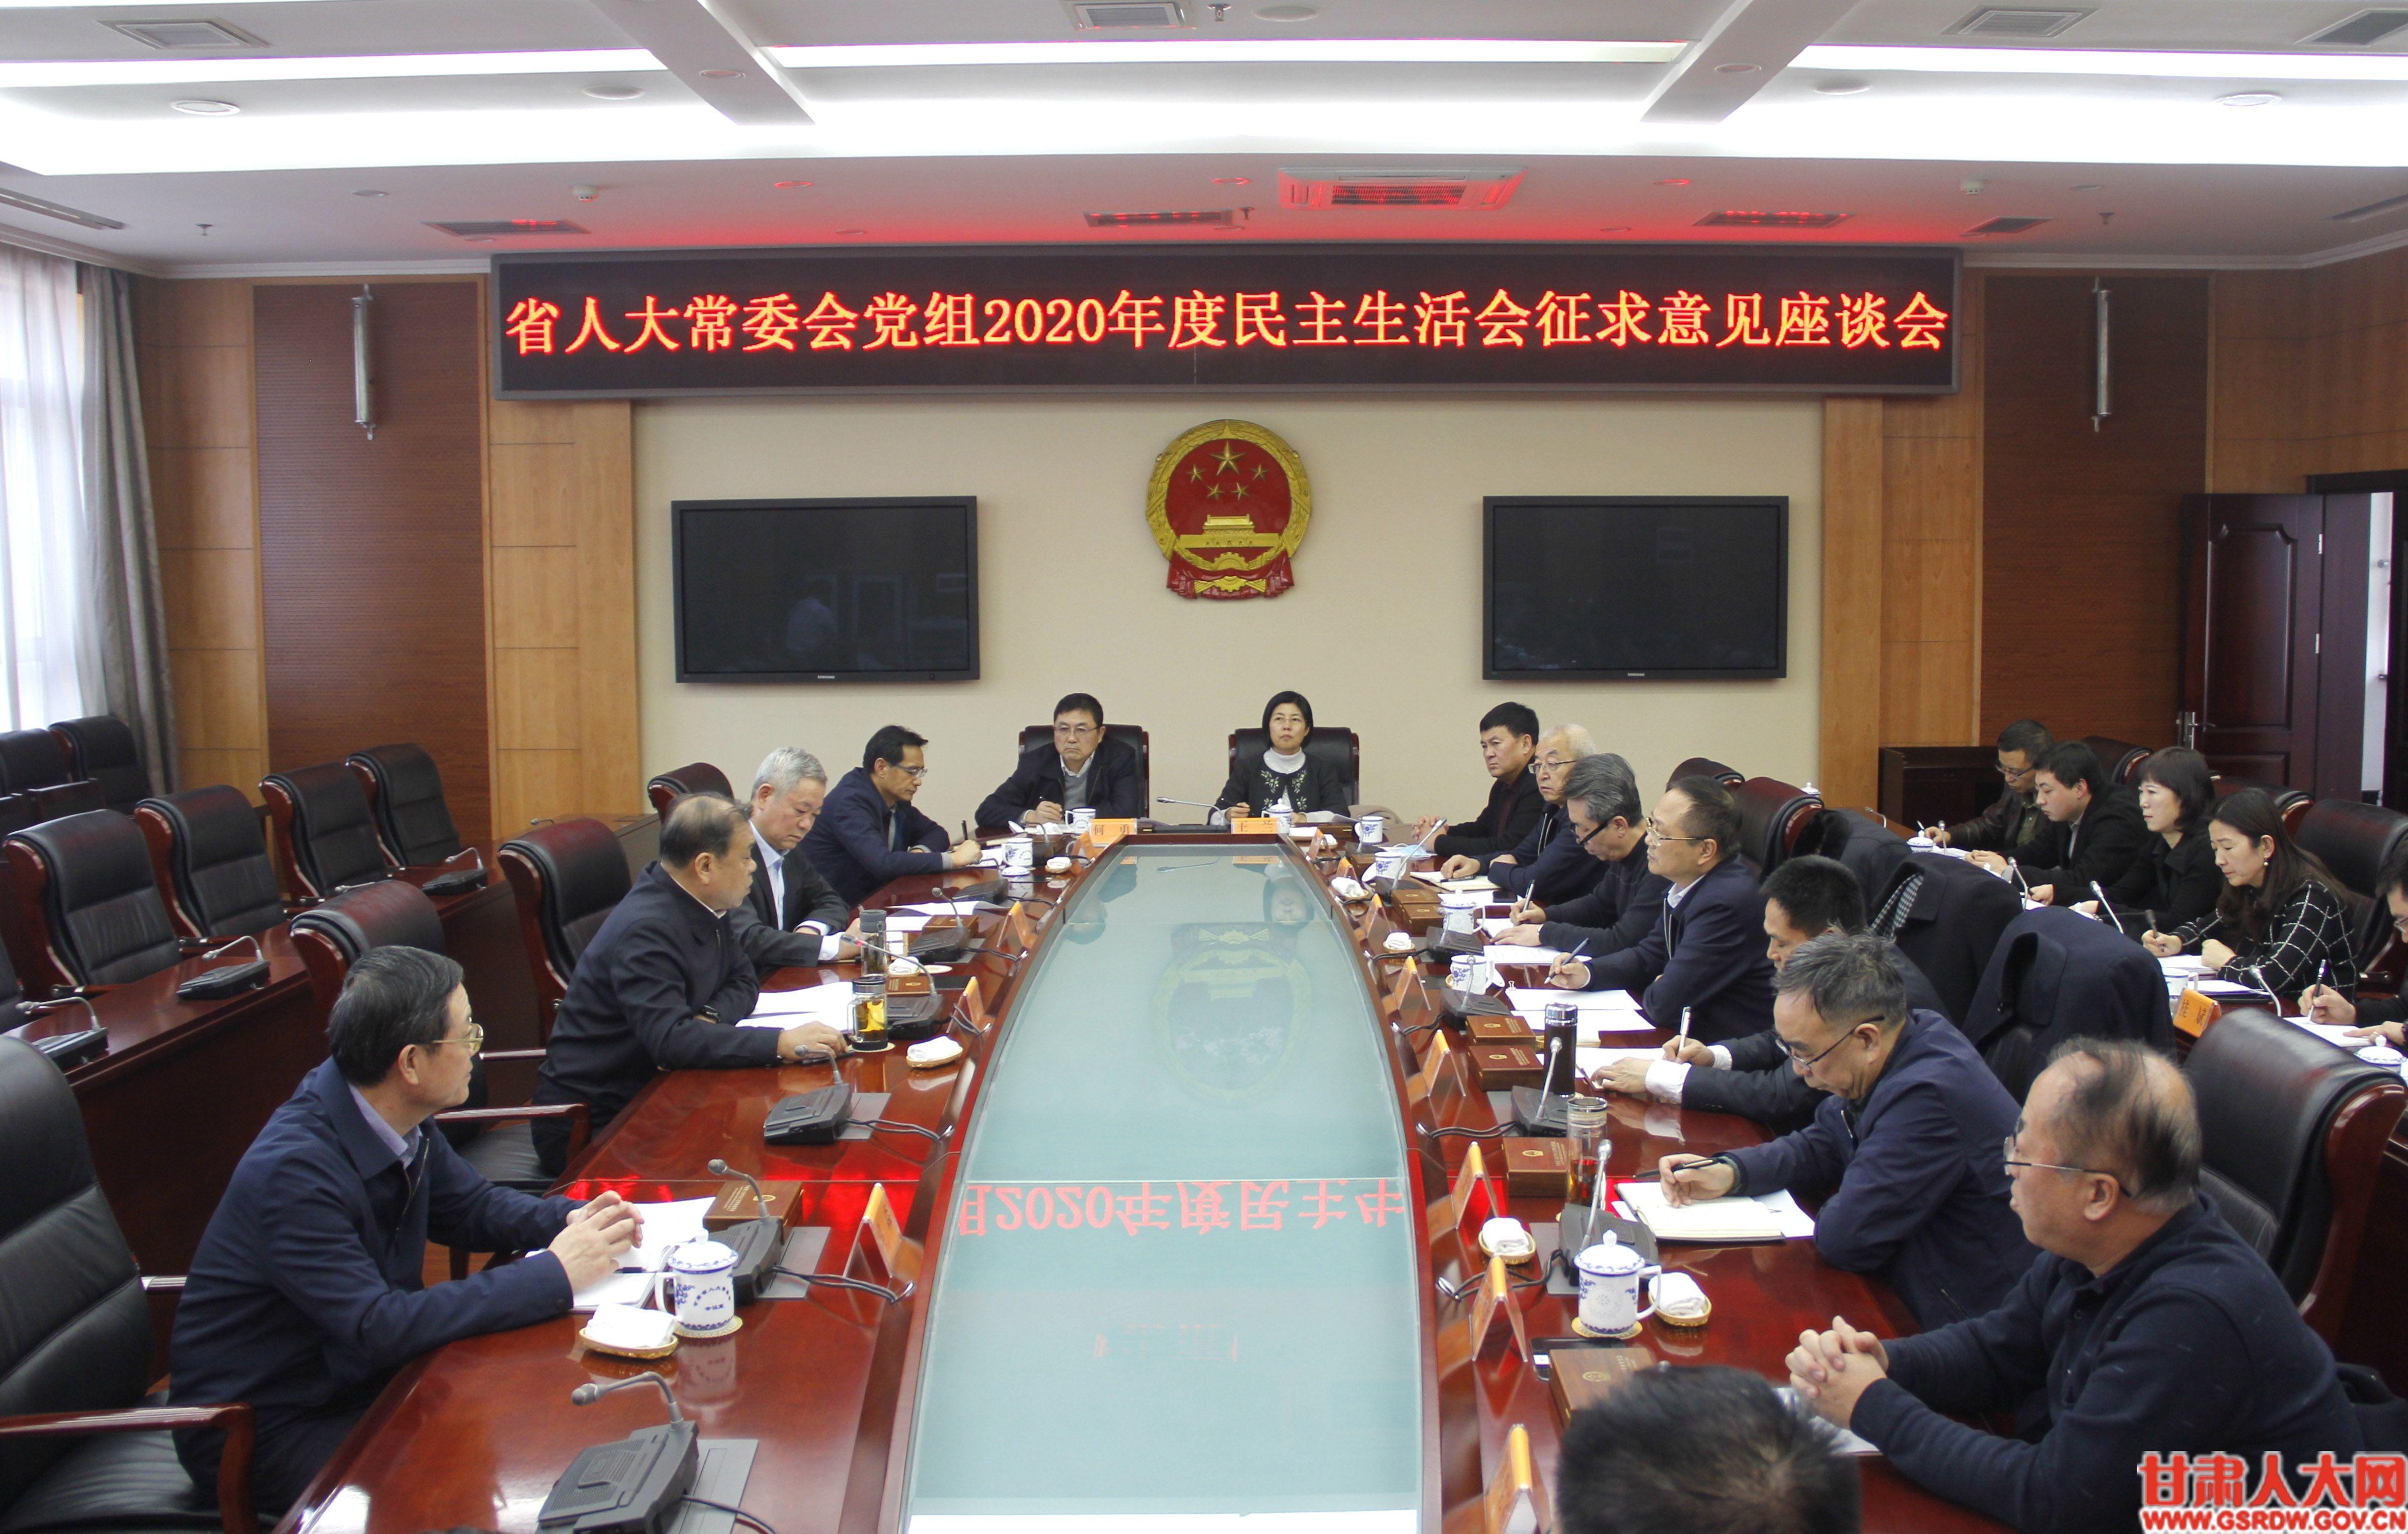 2月2日,省人大常委会党组召开2020年度民主生活会征求意见座谈会